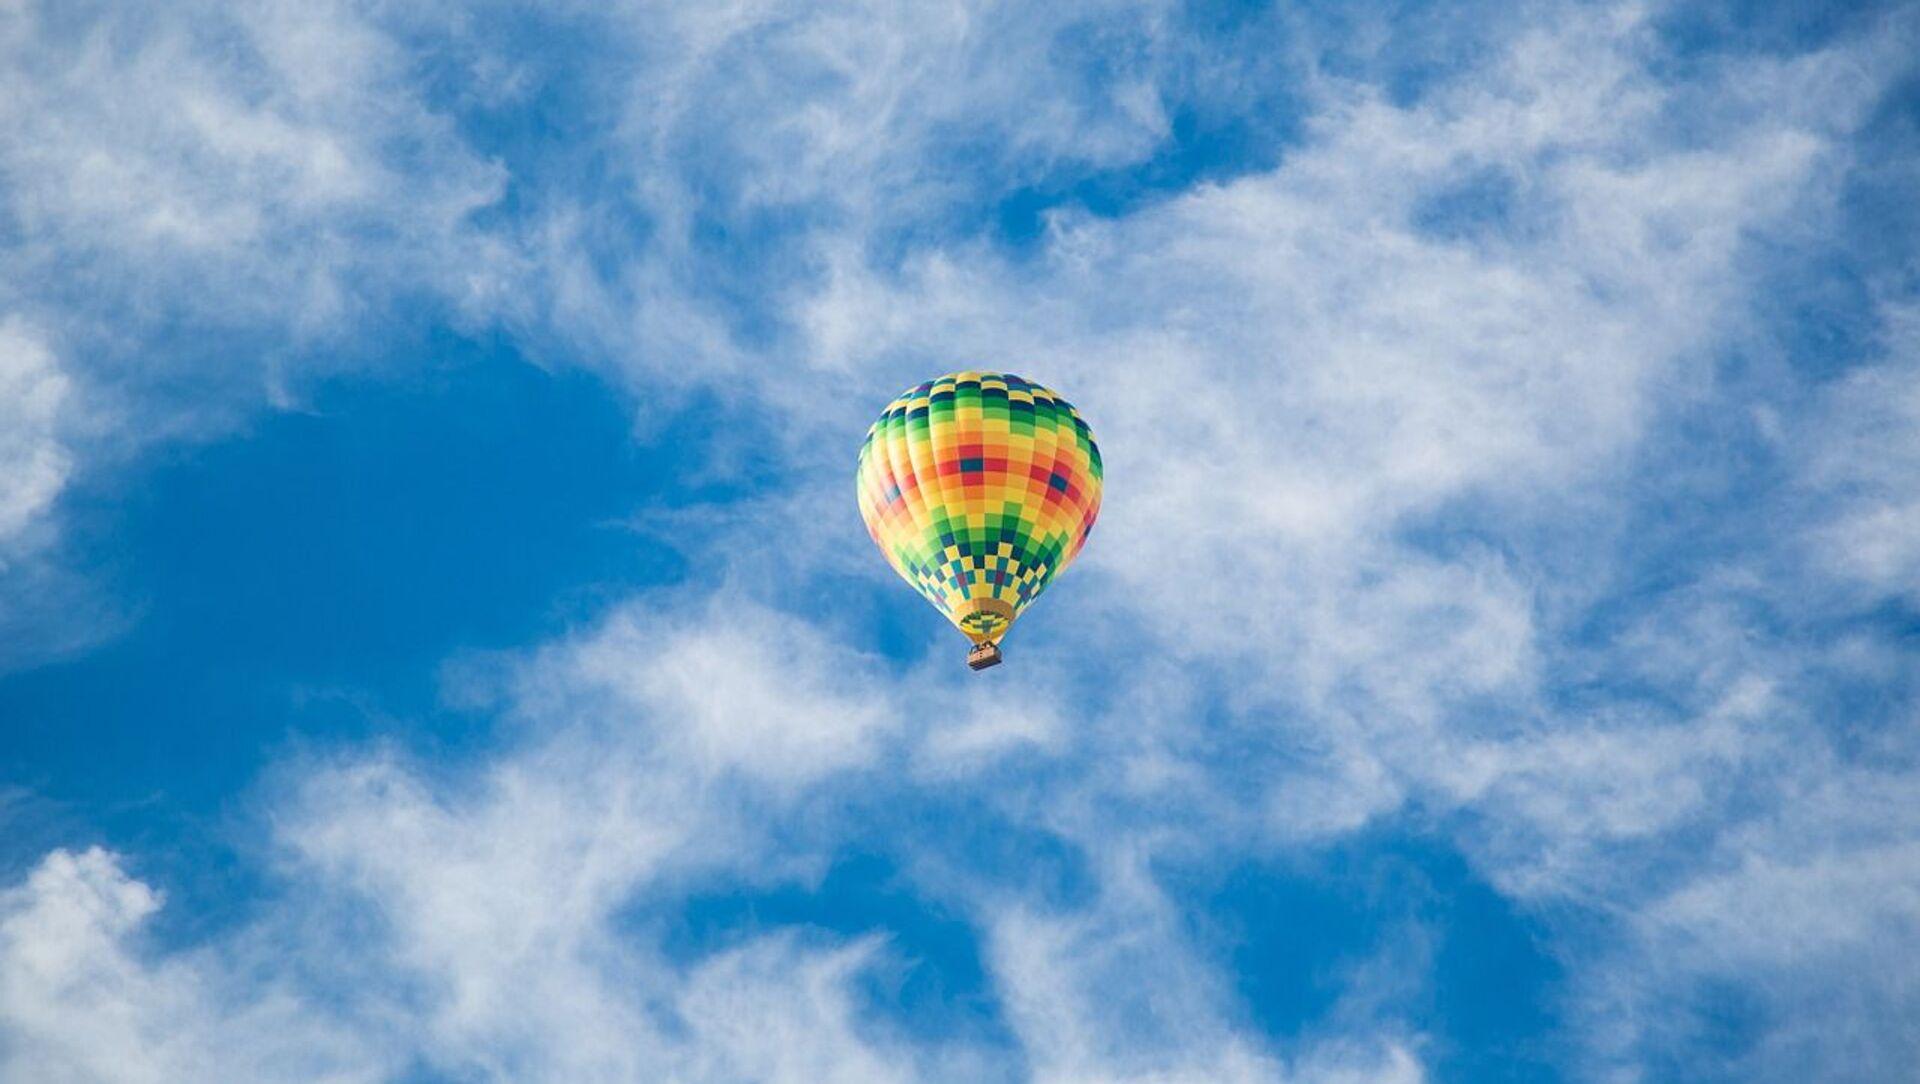 Vazdušni balon - Sputnik Srbija, 1920, 26.06.2021